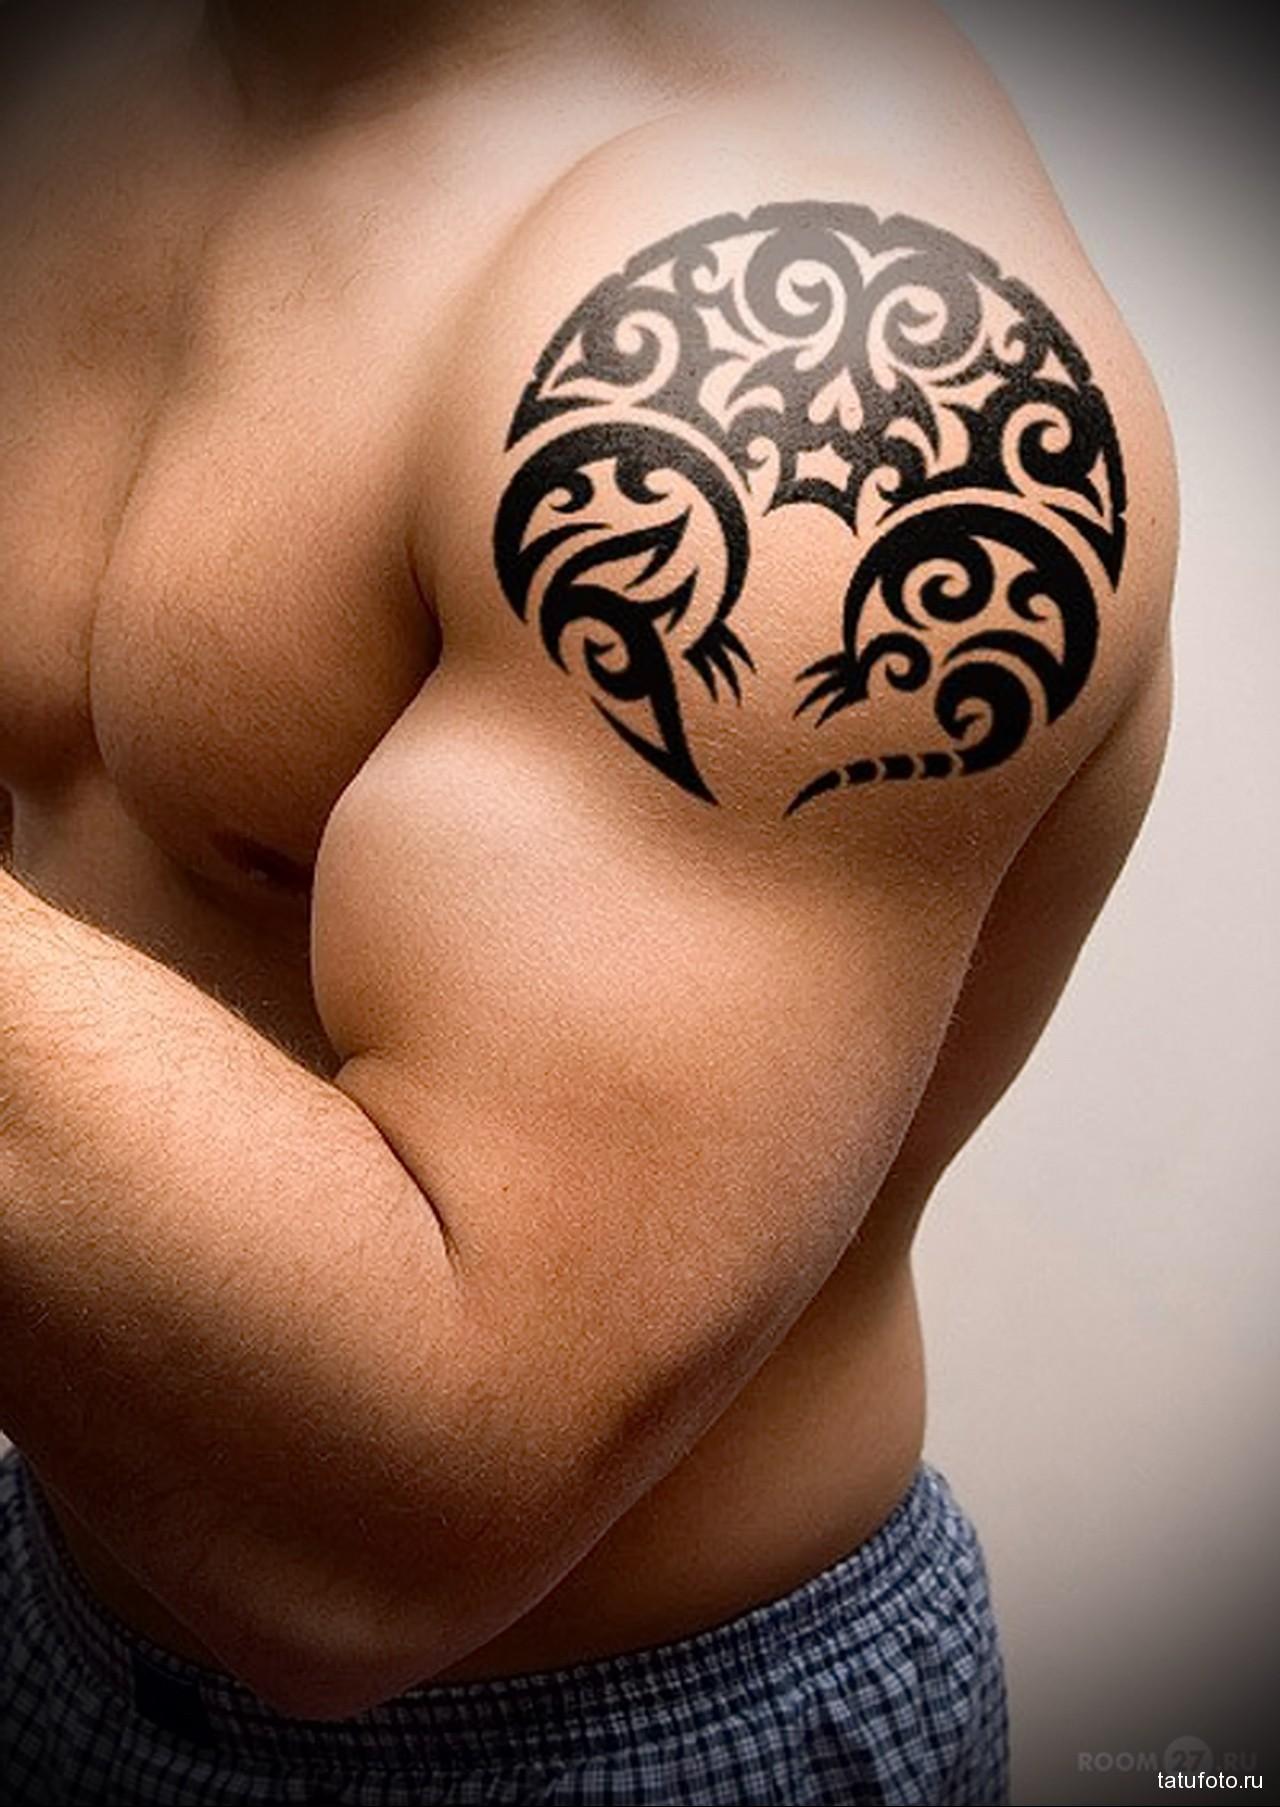 абстракция на накаченном теле - мужская татуировка на плече